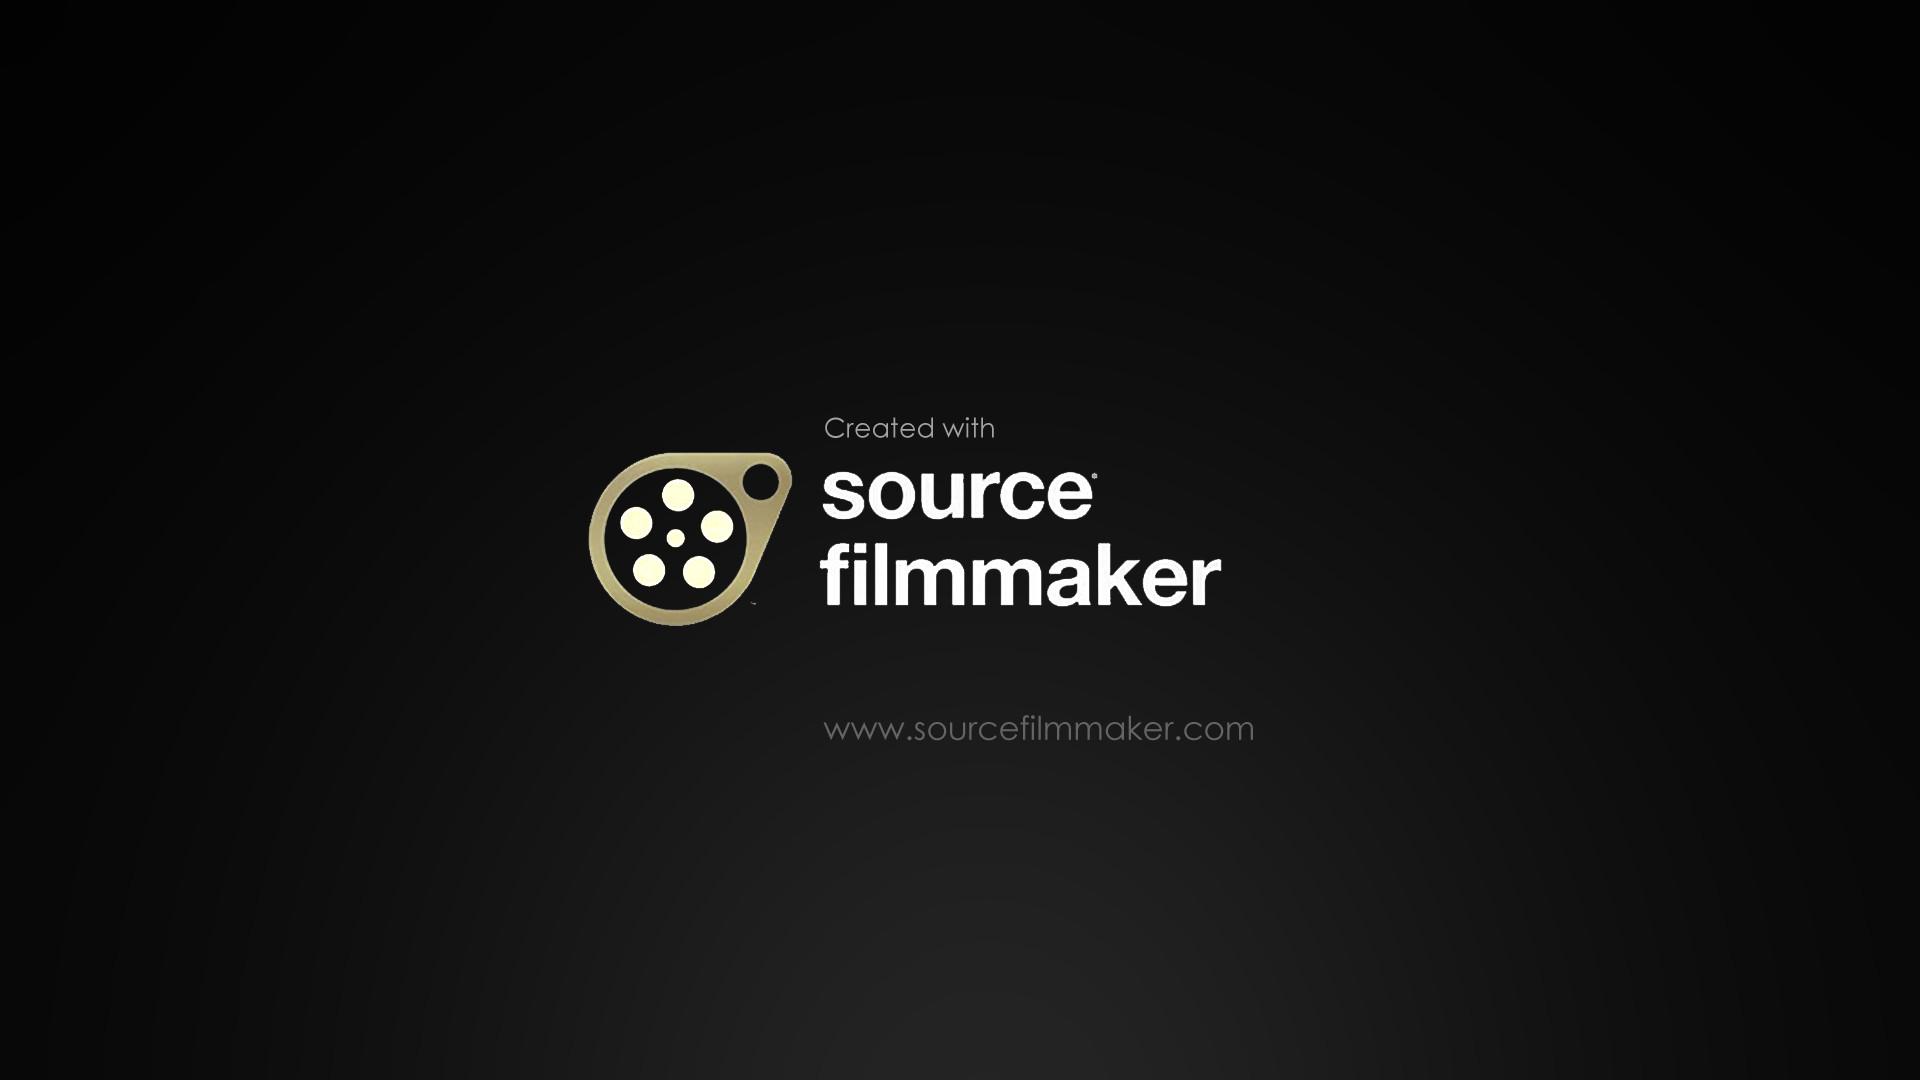 Source Film Maker Wallpaper by SMILYFACEvirus Source Film Maker Wallpaper  by SMILYFACEvirus